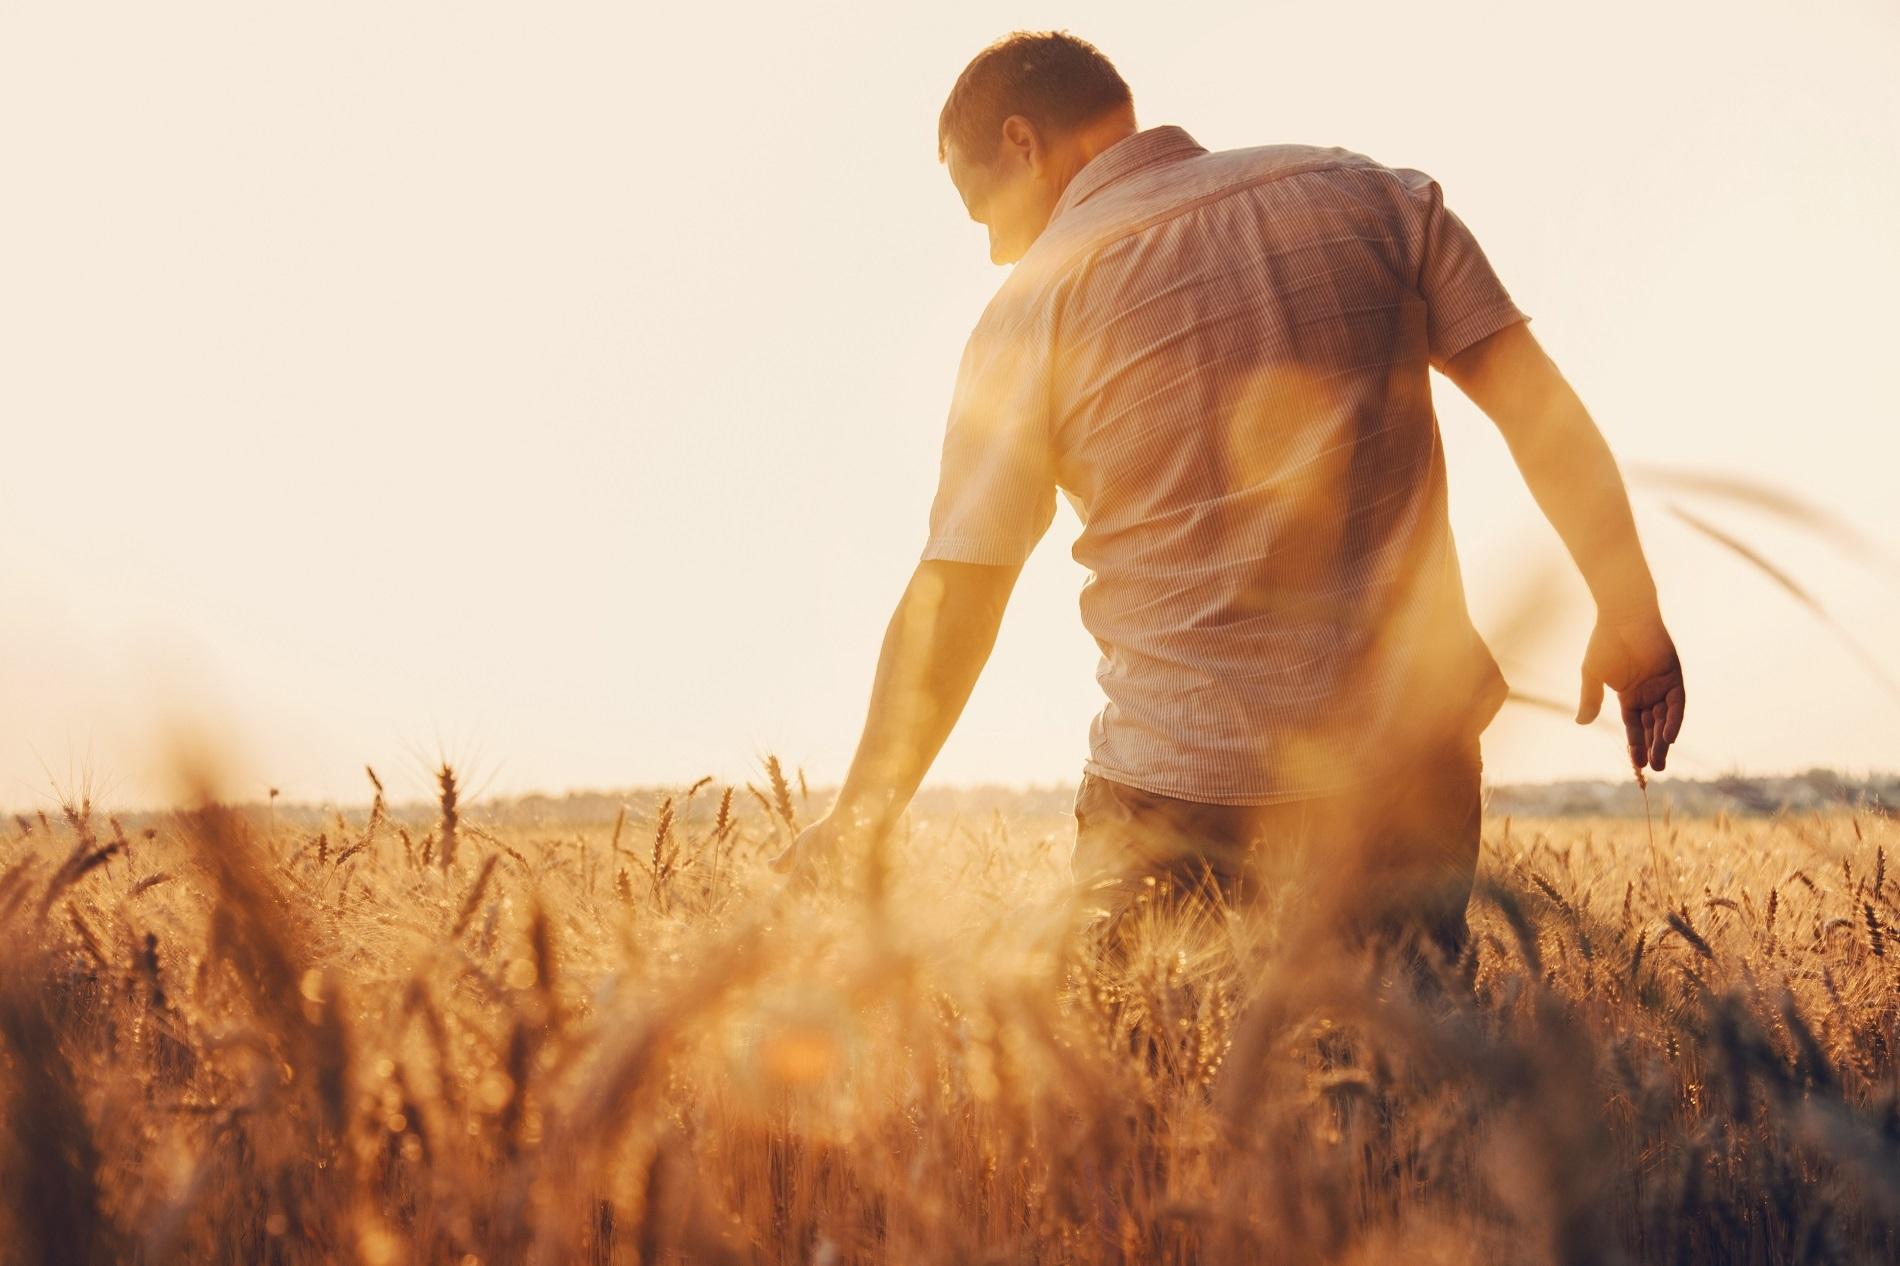 ¿Qué medidas de prevención debes tomar en tu trabajo agrícola durante el verano?